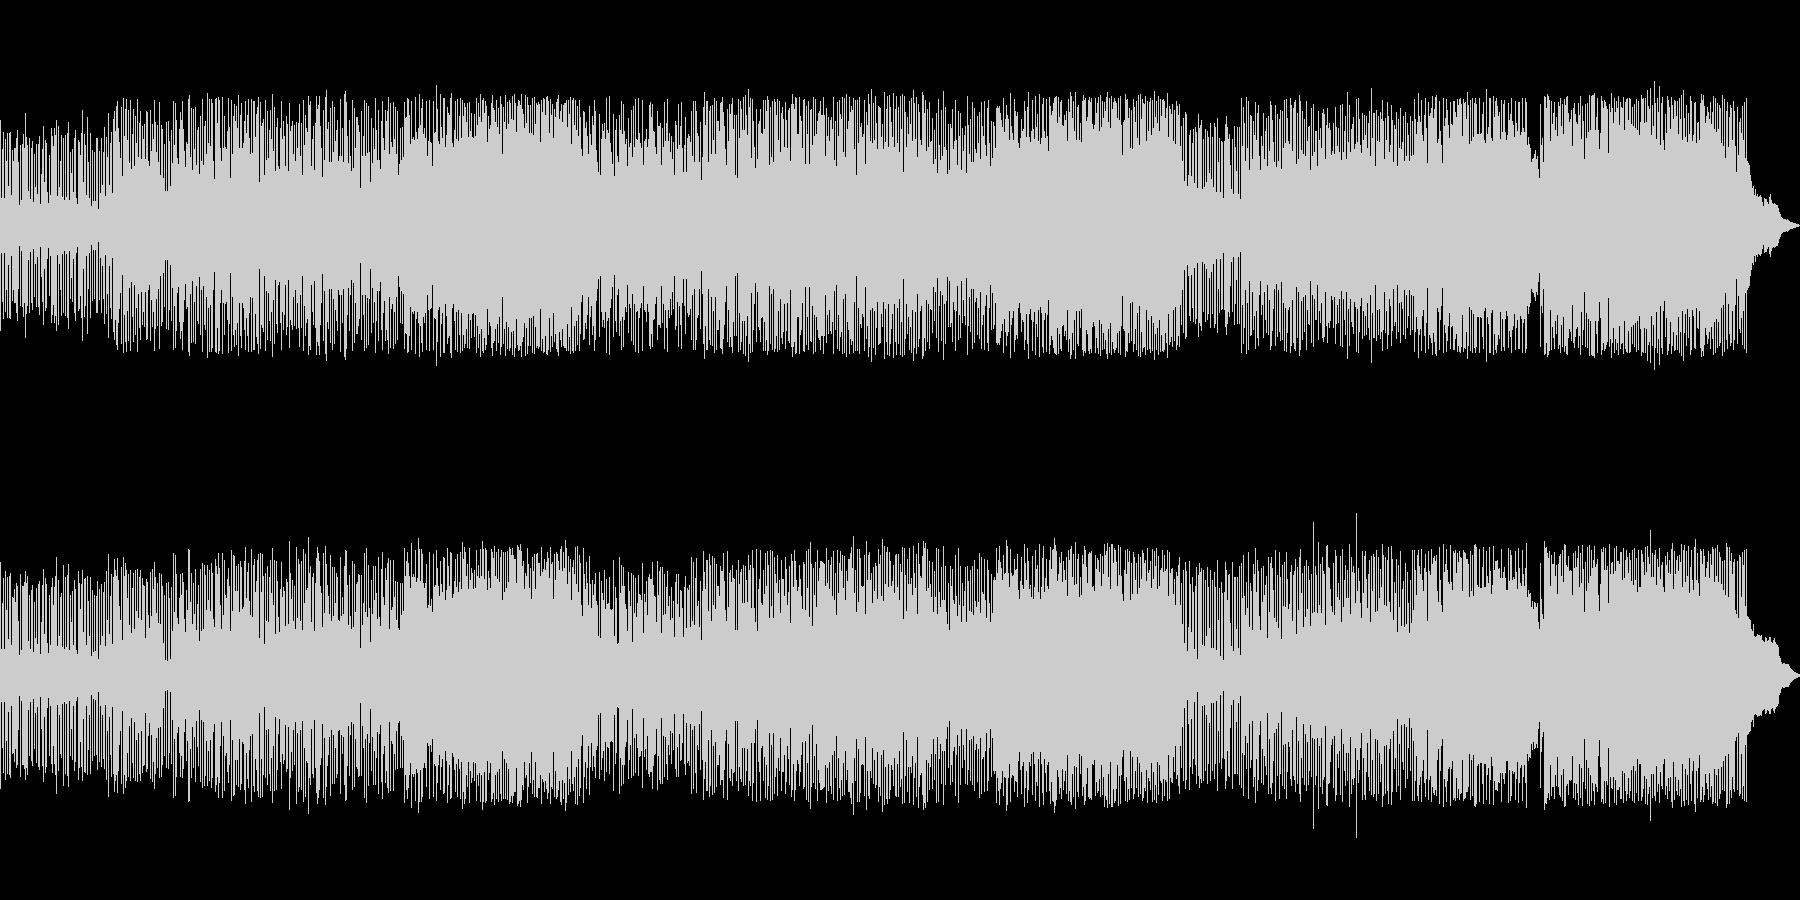 明るく元気の出る英語詞のギターポップの未再生の波形